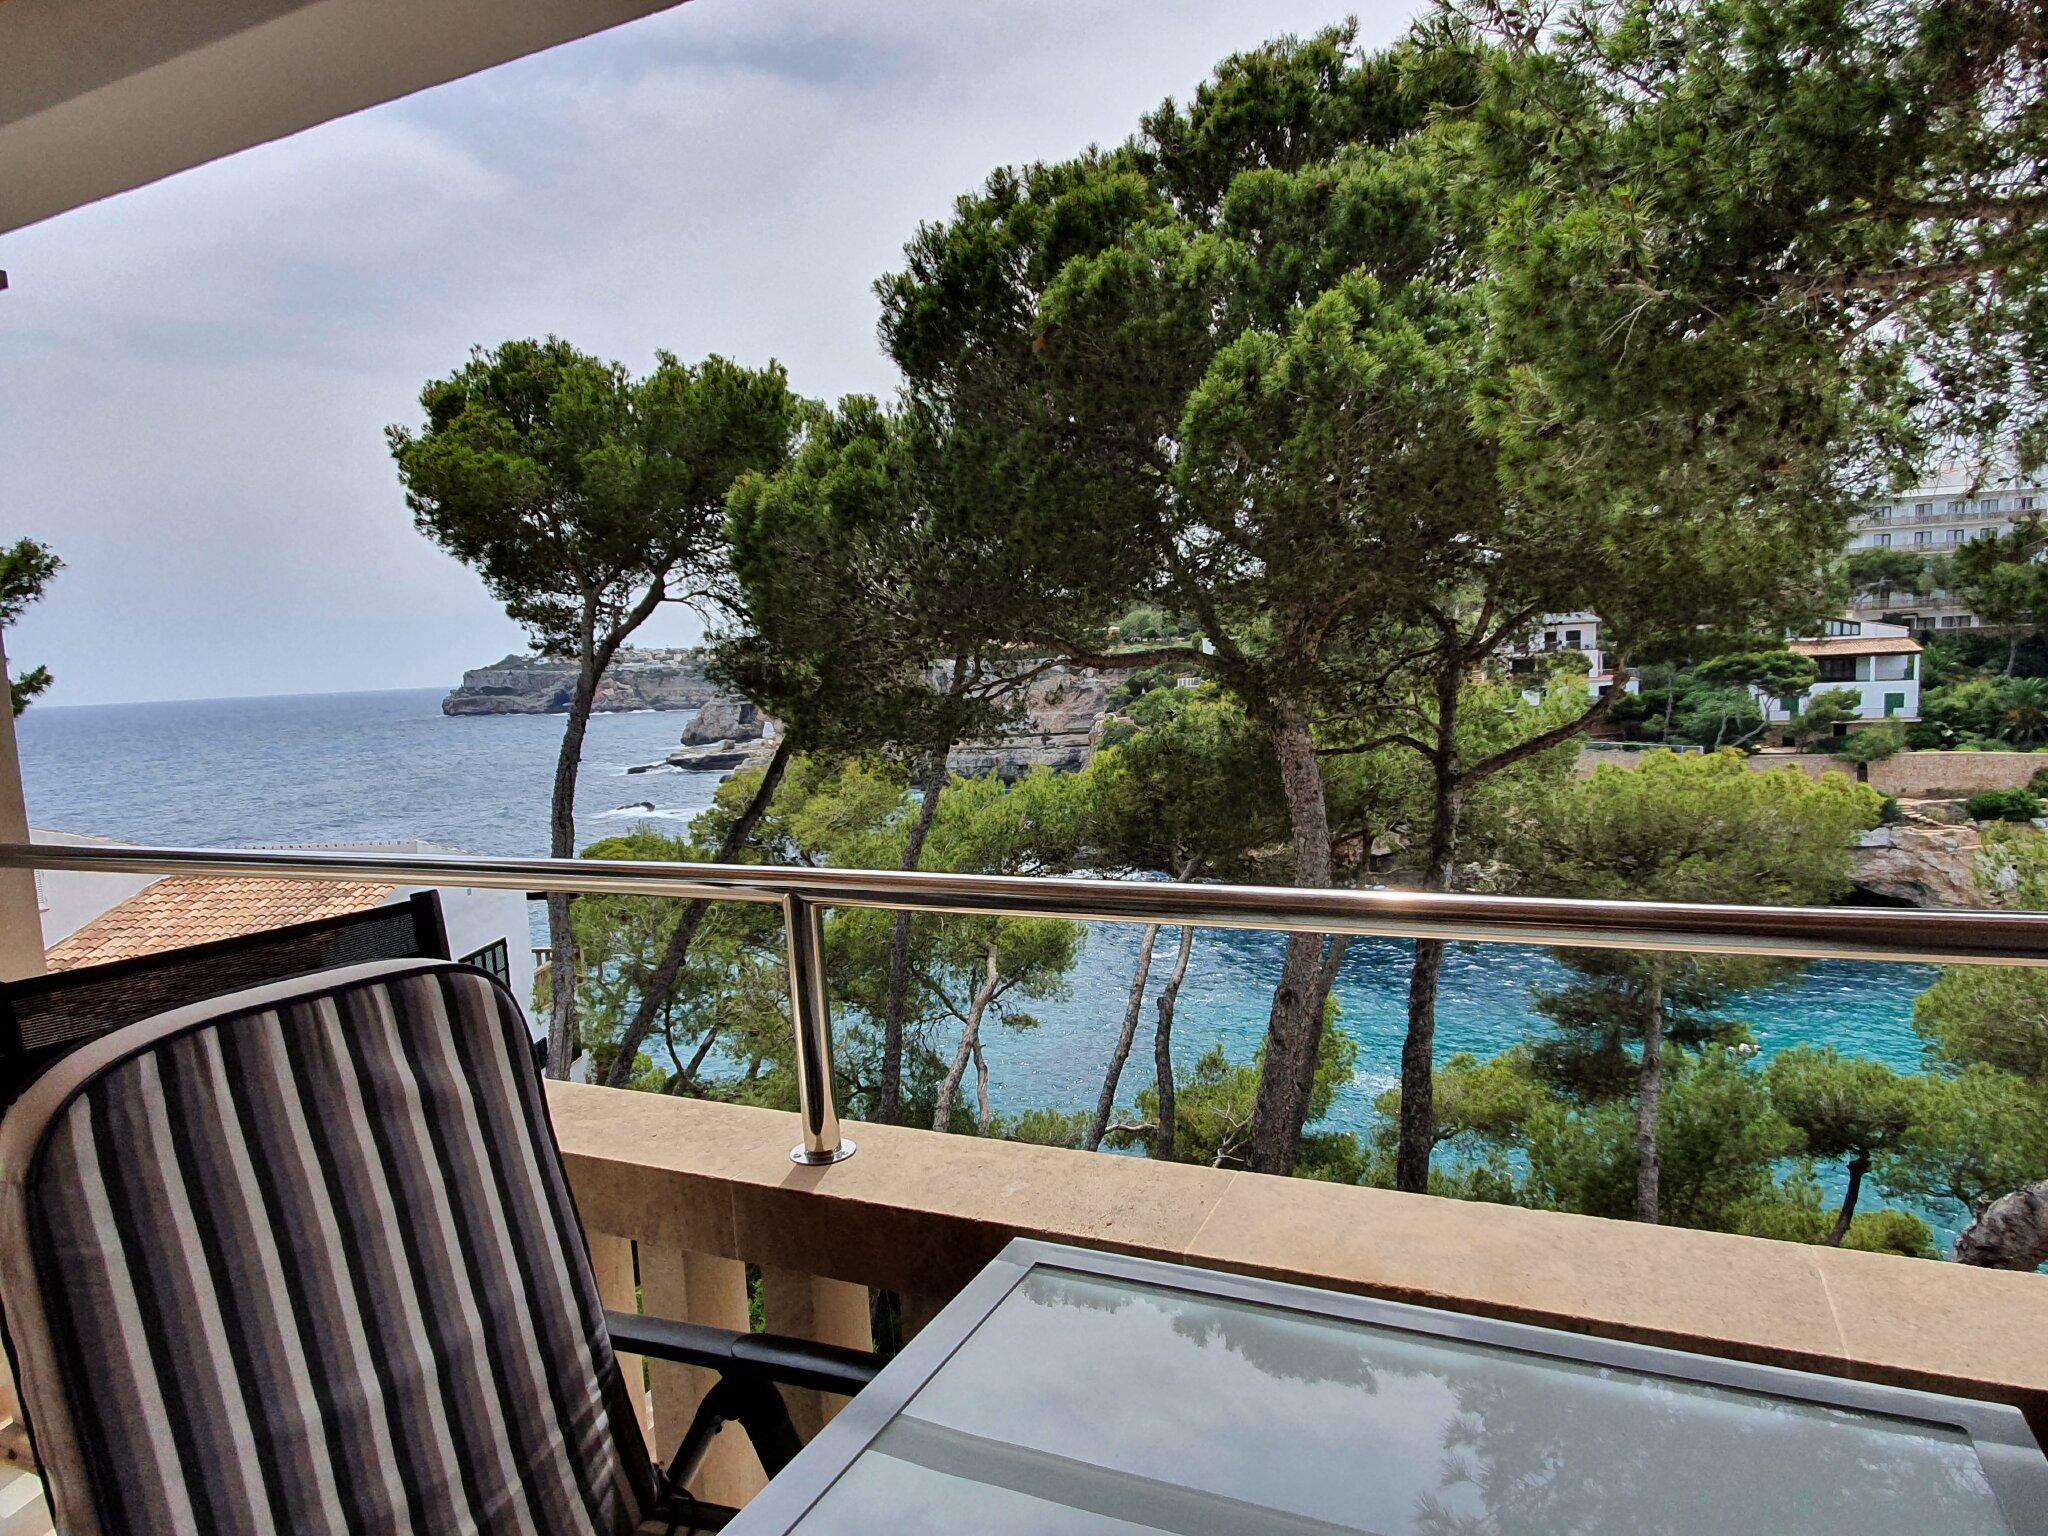 Terrasse mit Sicht auf die Bucht